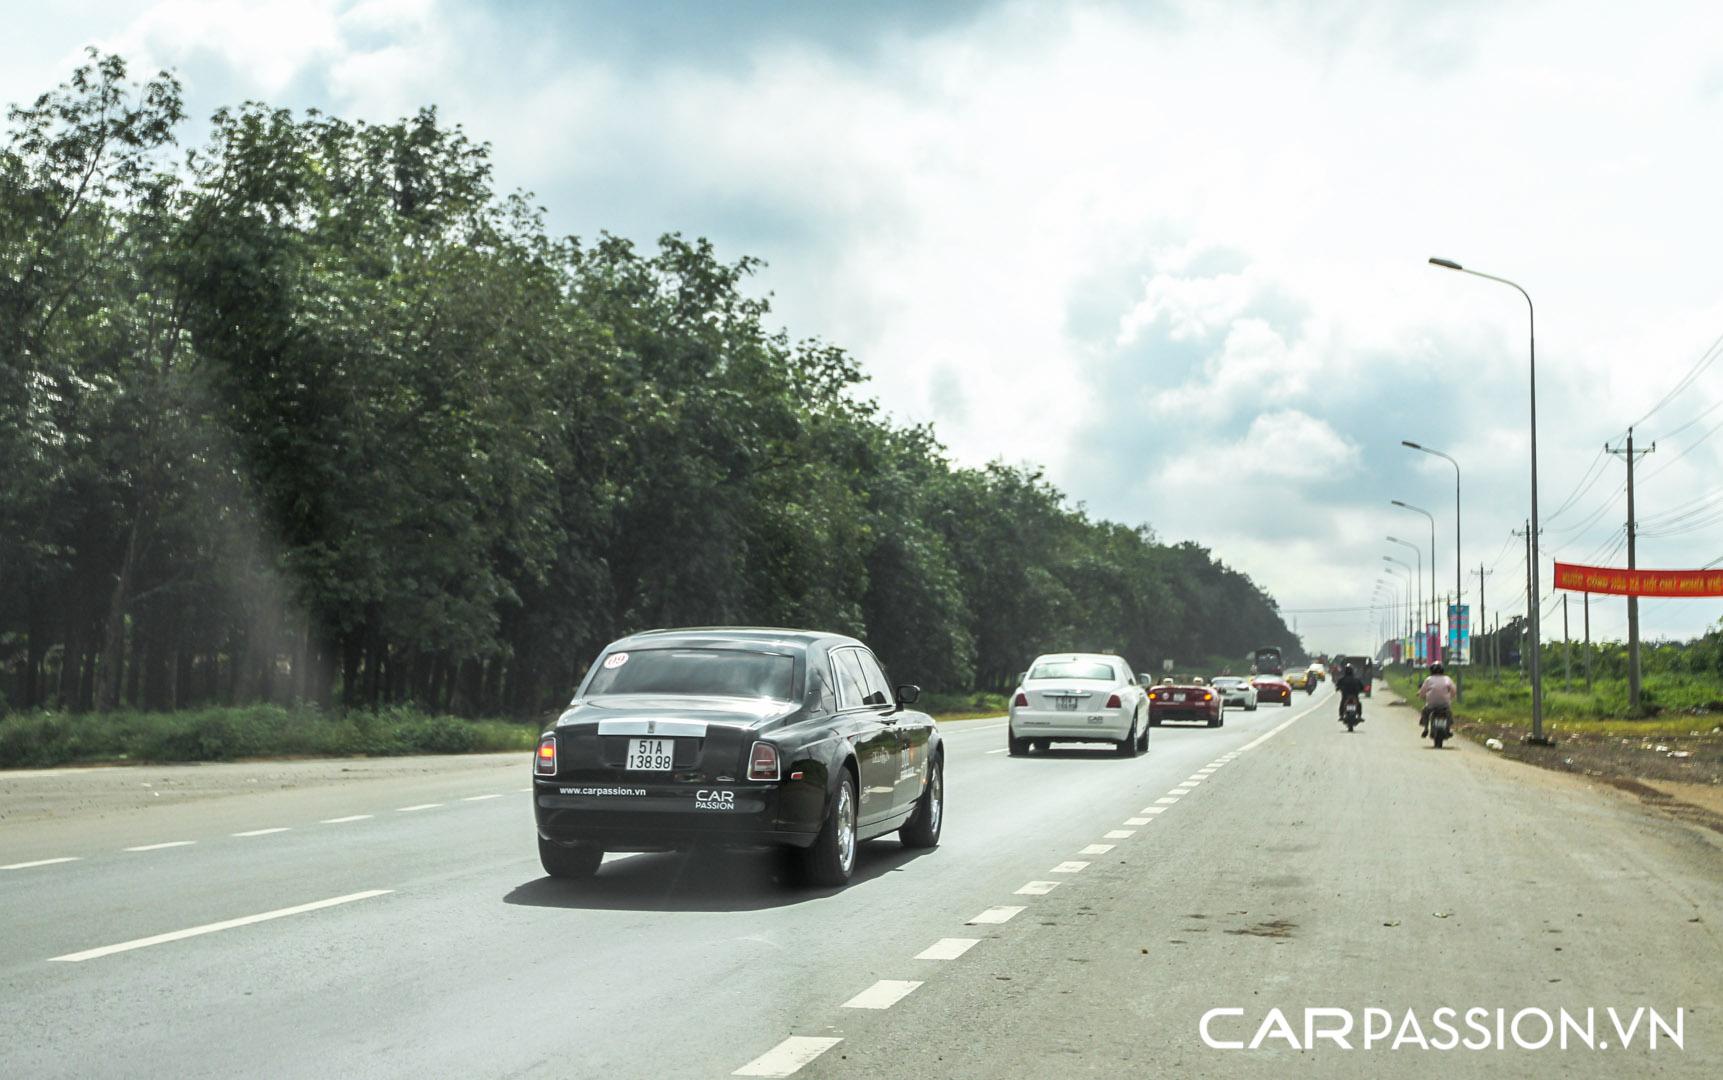 CP-Hành trình siêu xe CarPassion 2011 (118).jpg